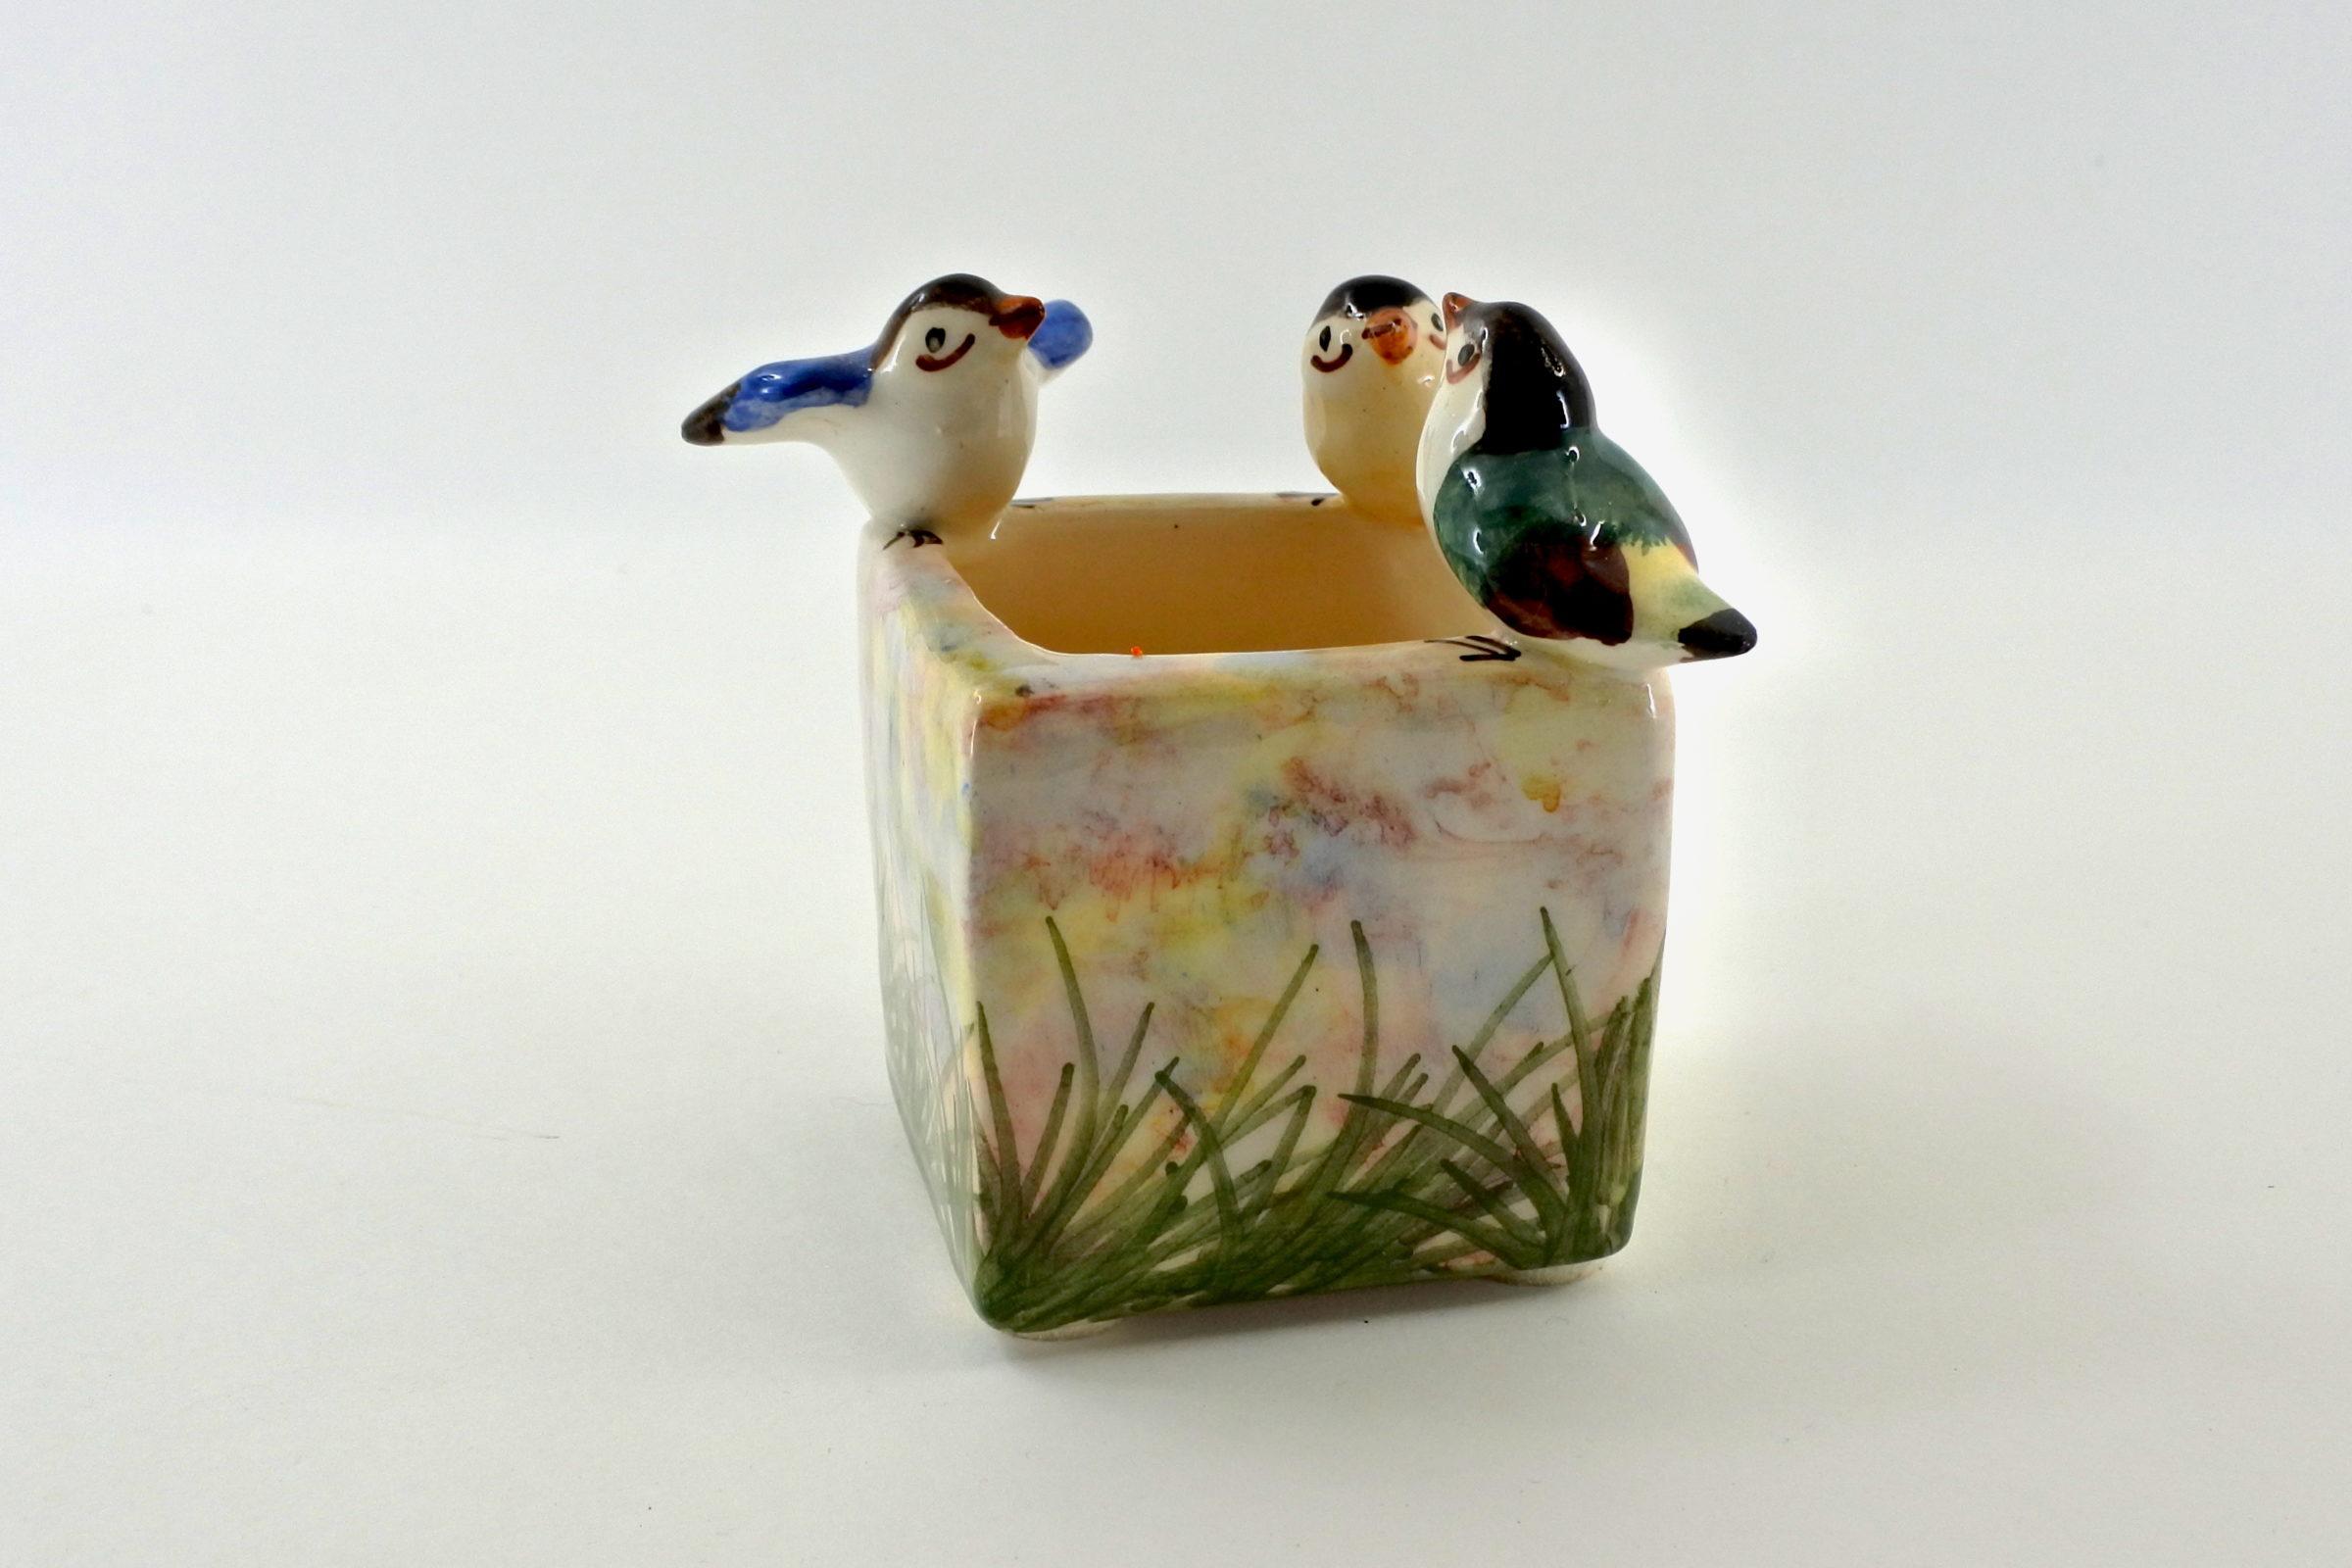 Piccola jardinière Massier in ceramica barbotine con uccellini - 2